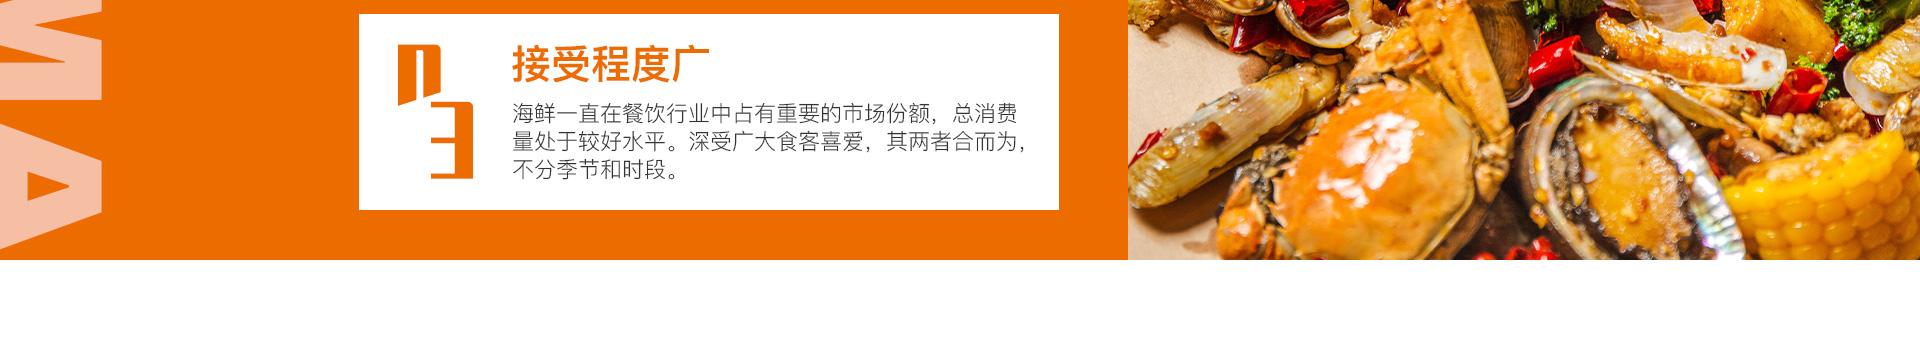 Drama抓麻手抓海鲜小酒馆详情_06